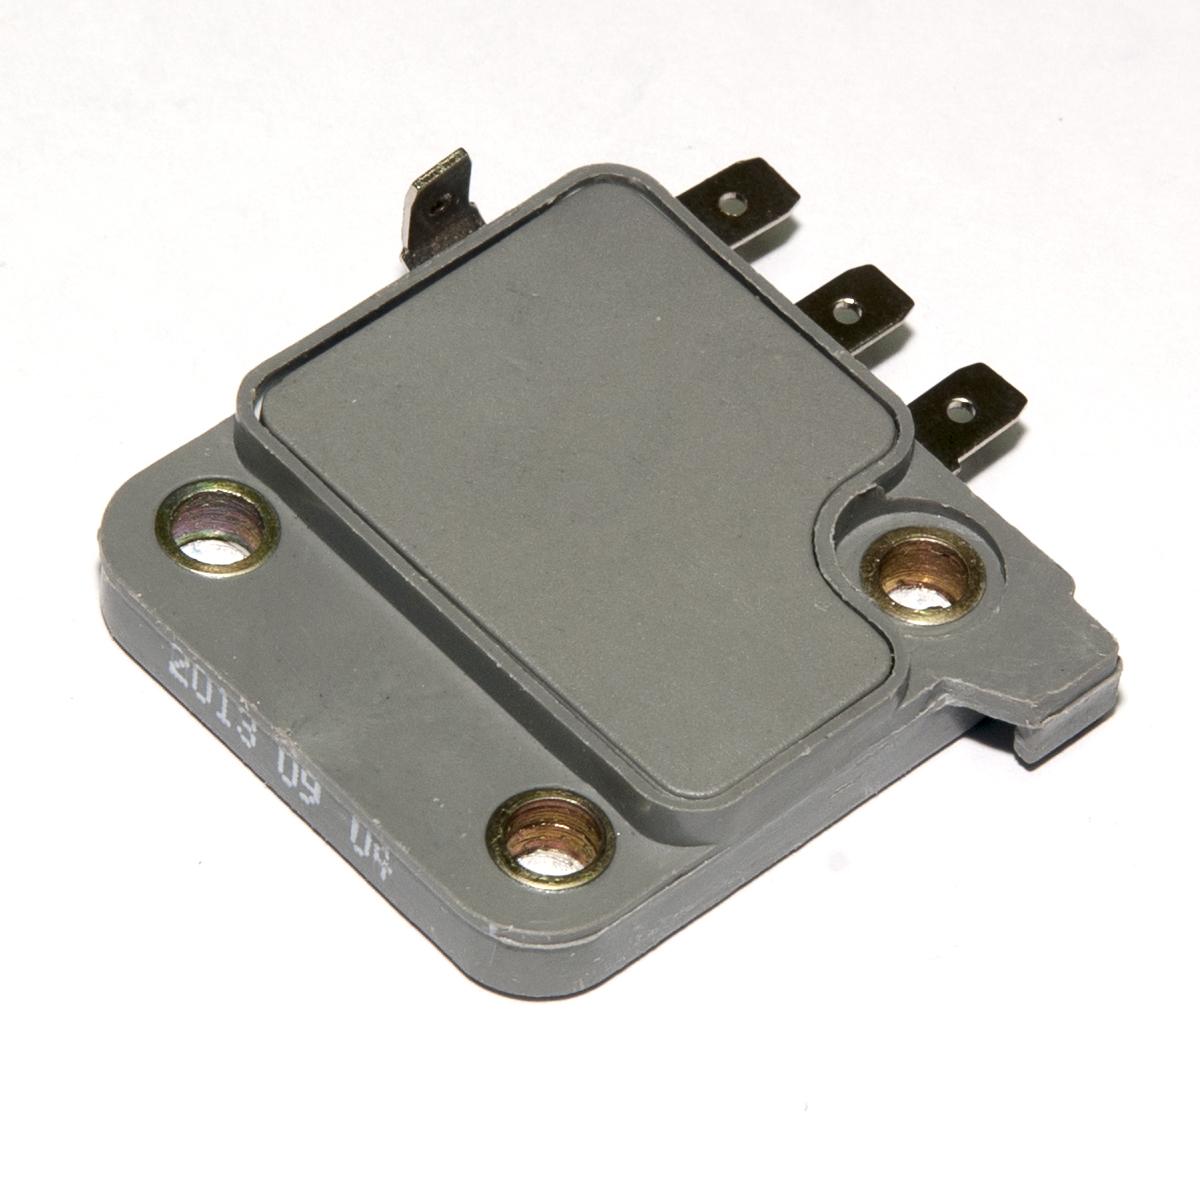 High Performance Ignition Control Module Control Module Ignitor for Honda Accord Civic Del Sol EL Integra Prelude 30130P06006